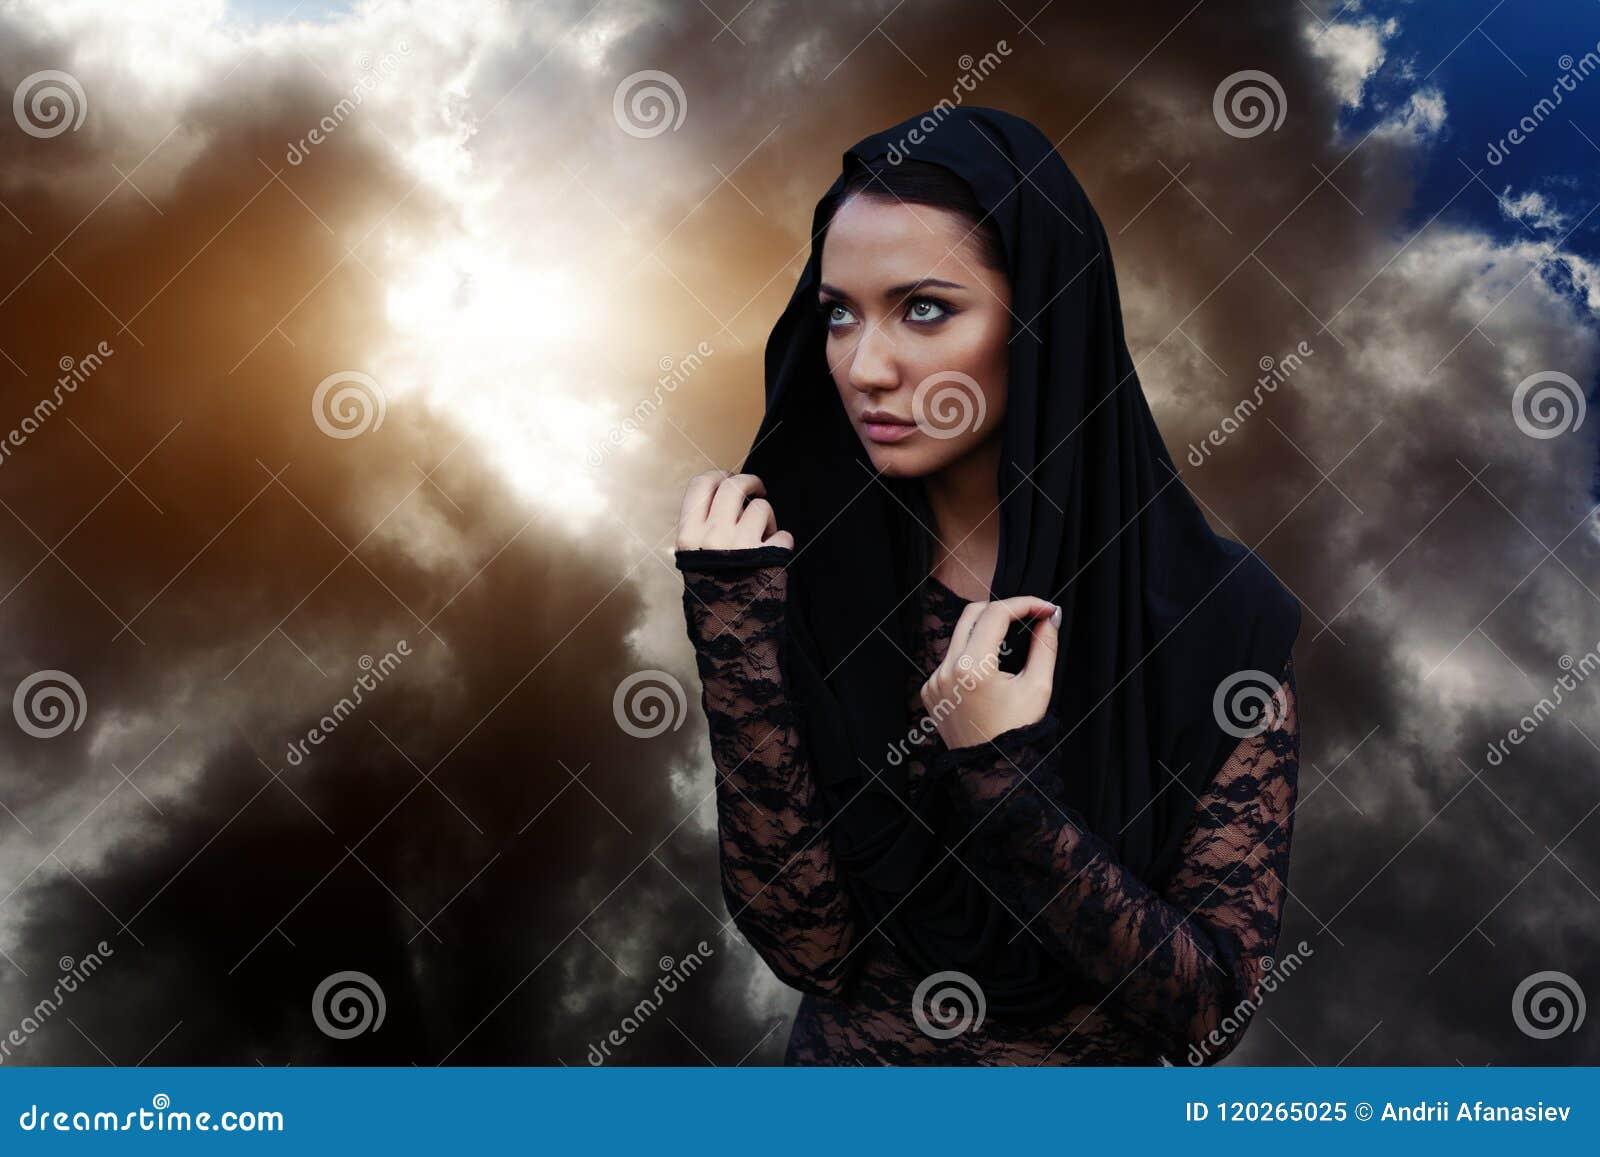 Kobieta jest profeta czarnoksiężnikiem i kaznodzieją w czarnej mistycznej pelerynie z kapiszonem przeciw dramatycznemu tłu